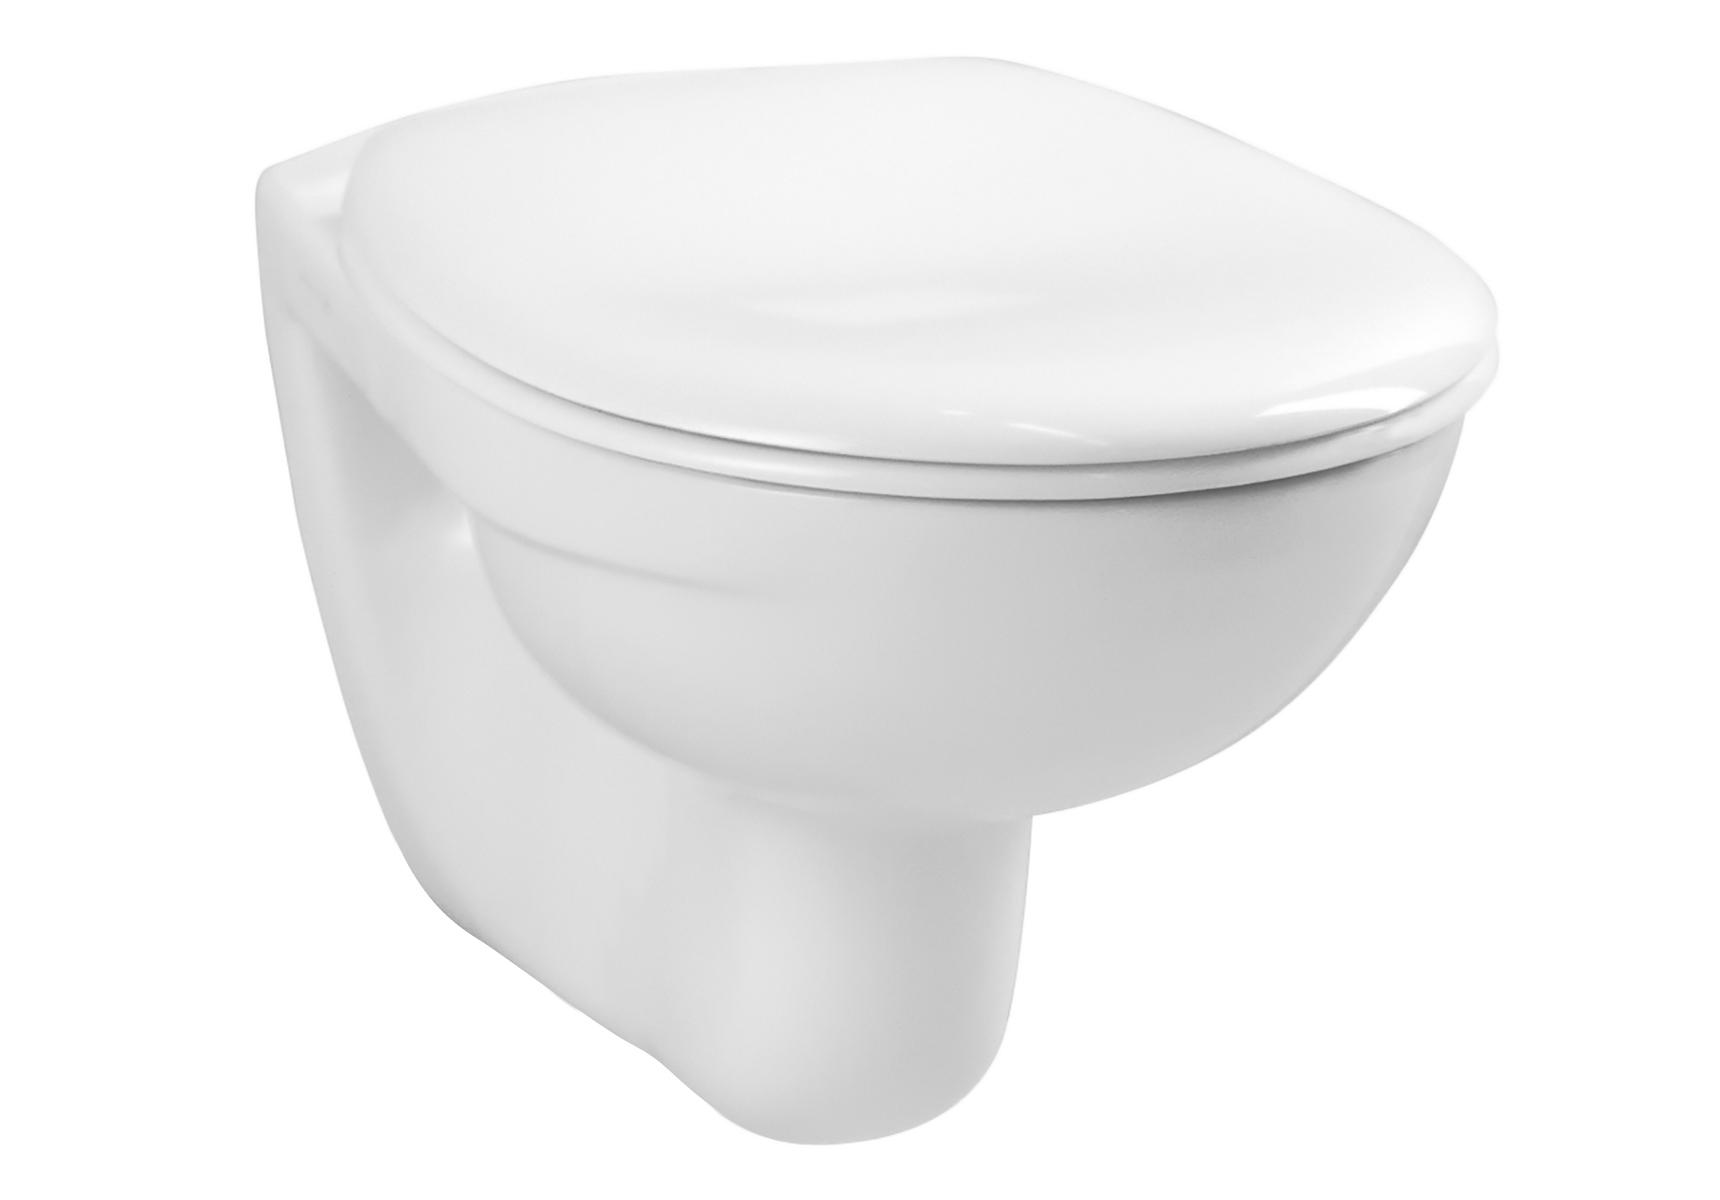 Normus WC suspendu avec bride, 54 cm